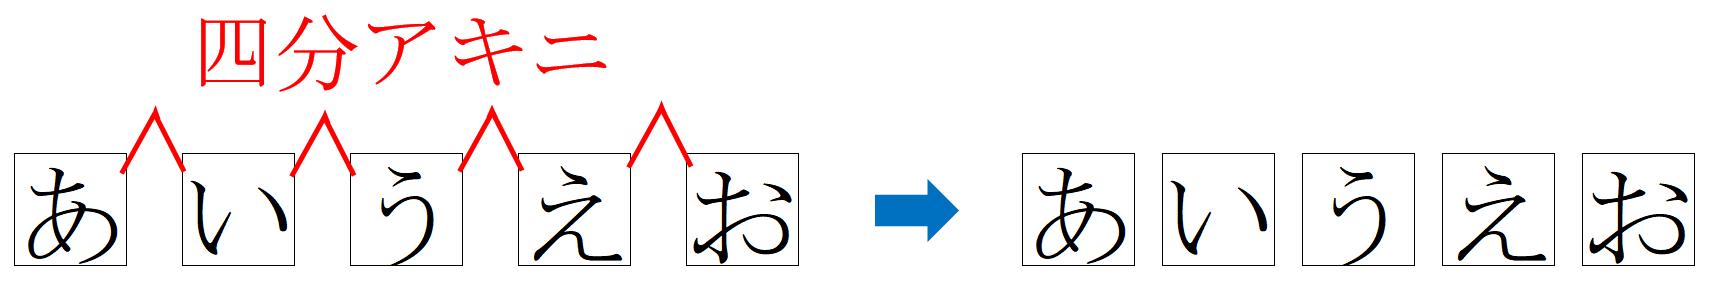 校正記号の字間